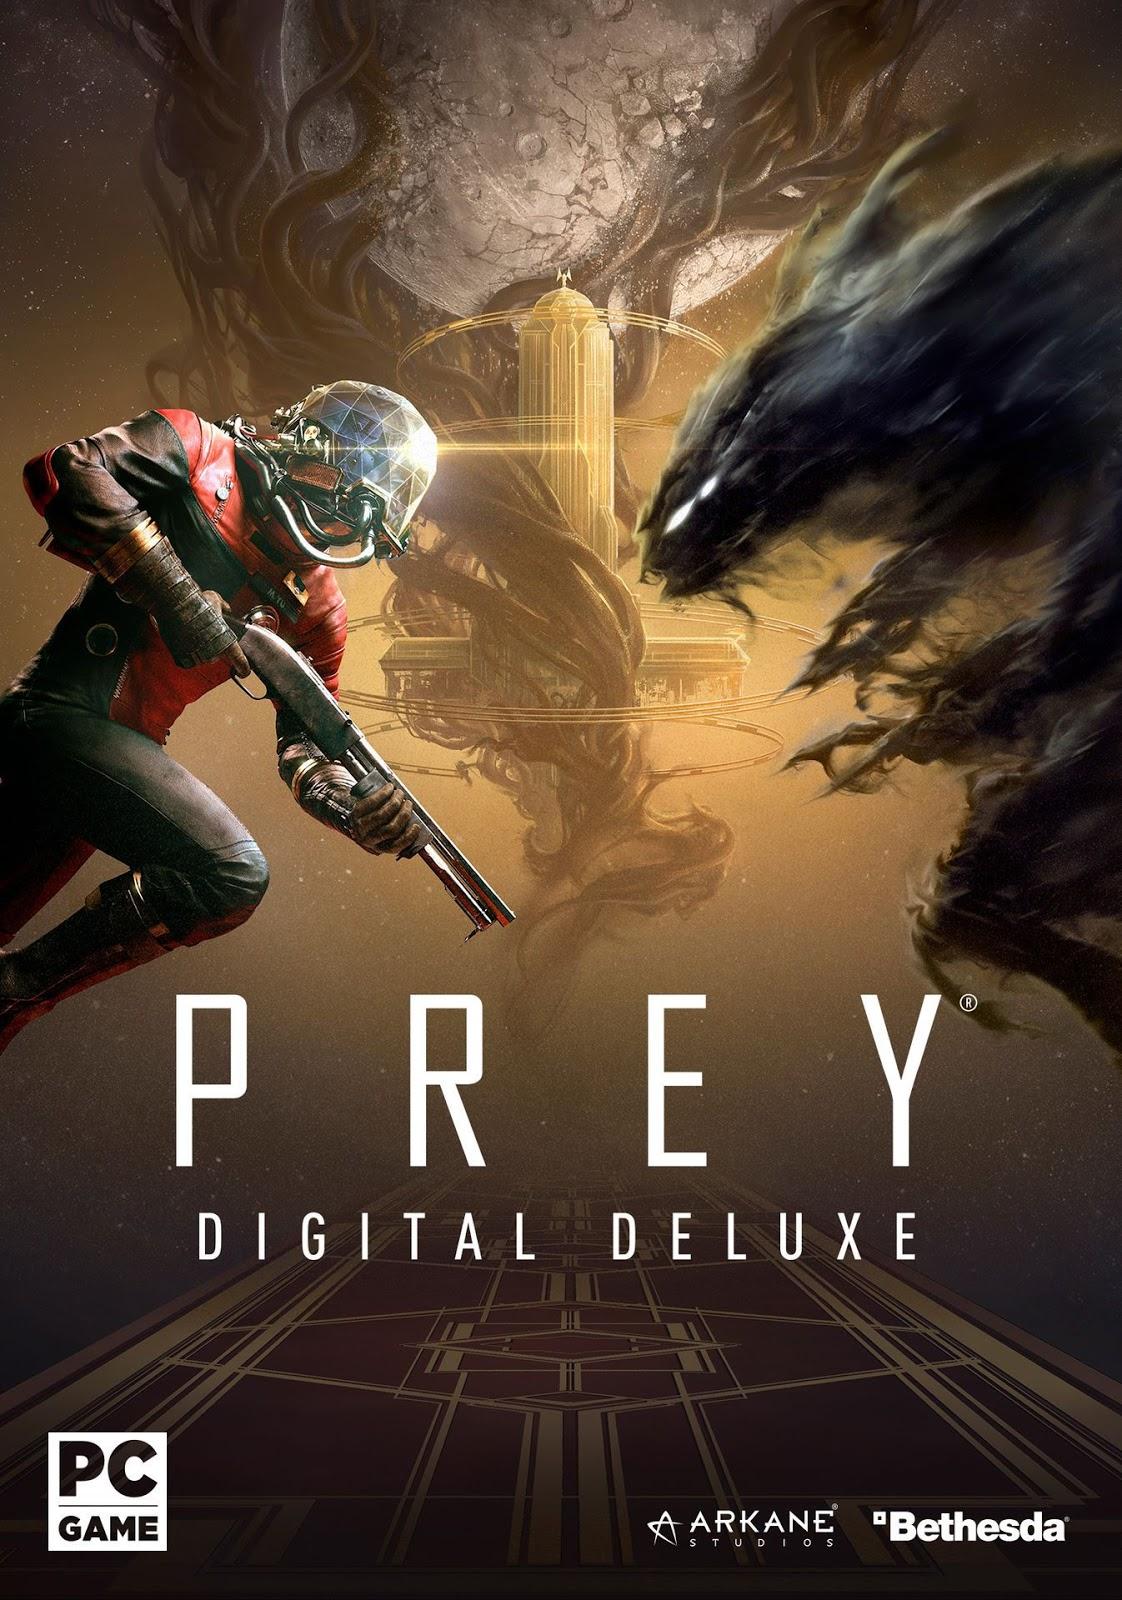 Descargar Prey Digital Deluxe Edition Cover Caratula